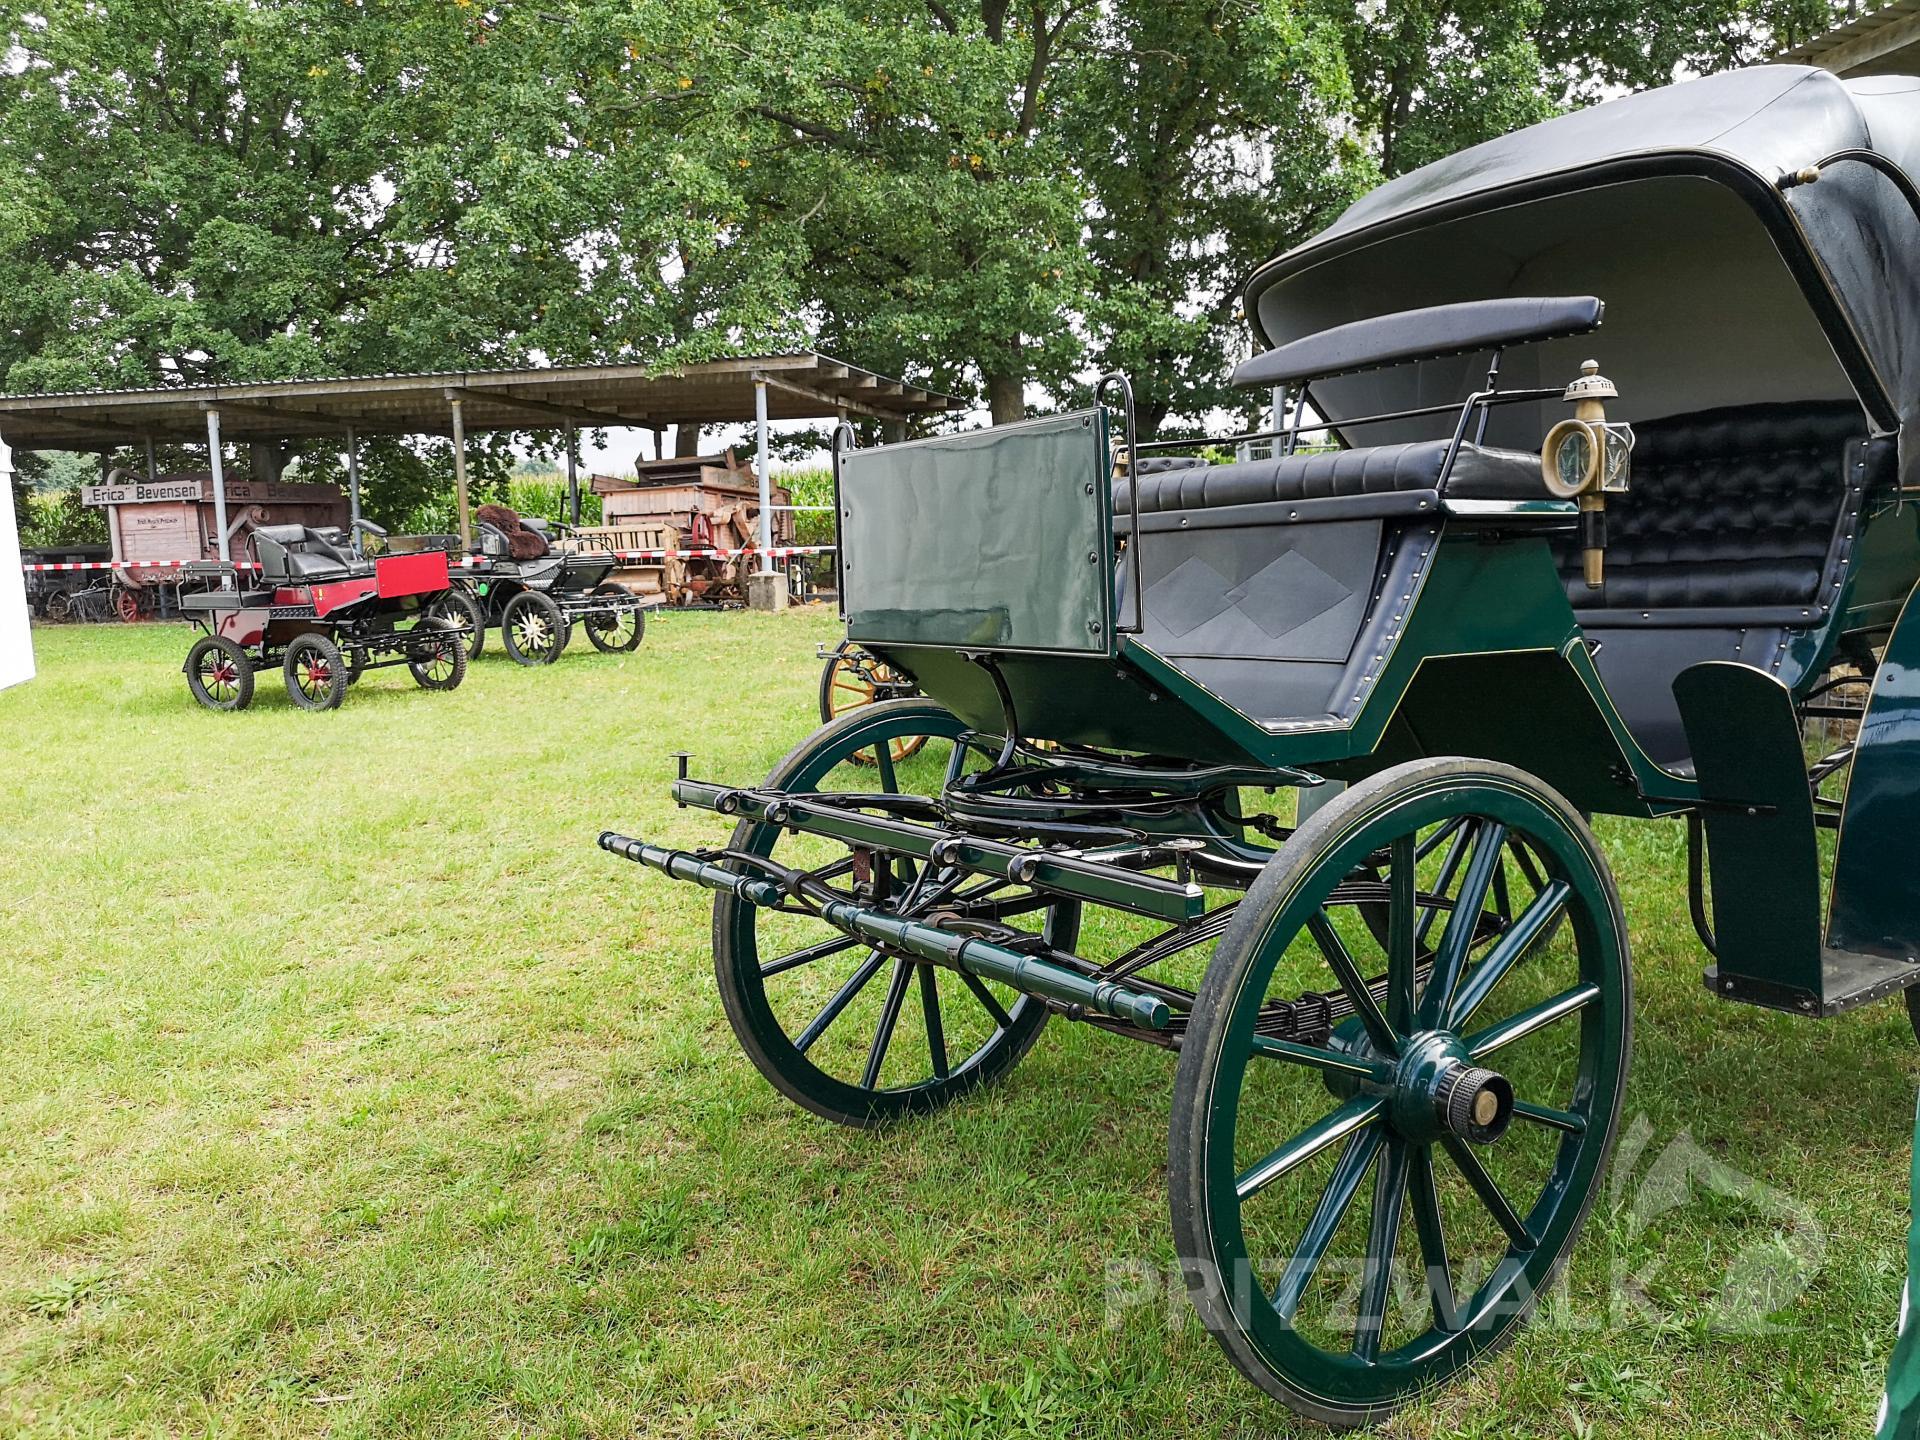 Historische Kutschen konnten beim Dorffest in Streckenthin ebenfalls bestaunt werden. Foo: Beate Vogel